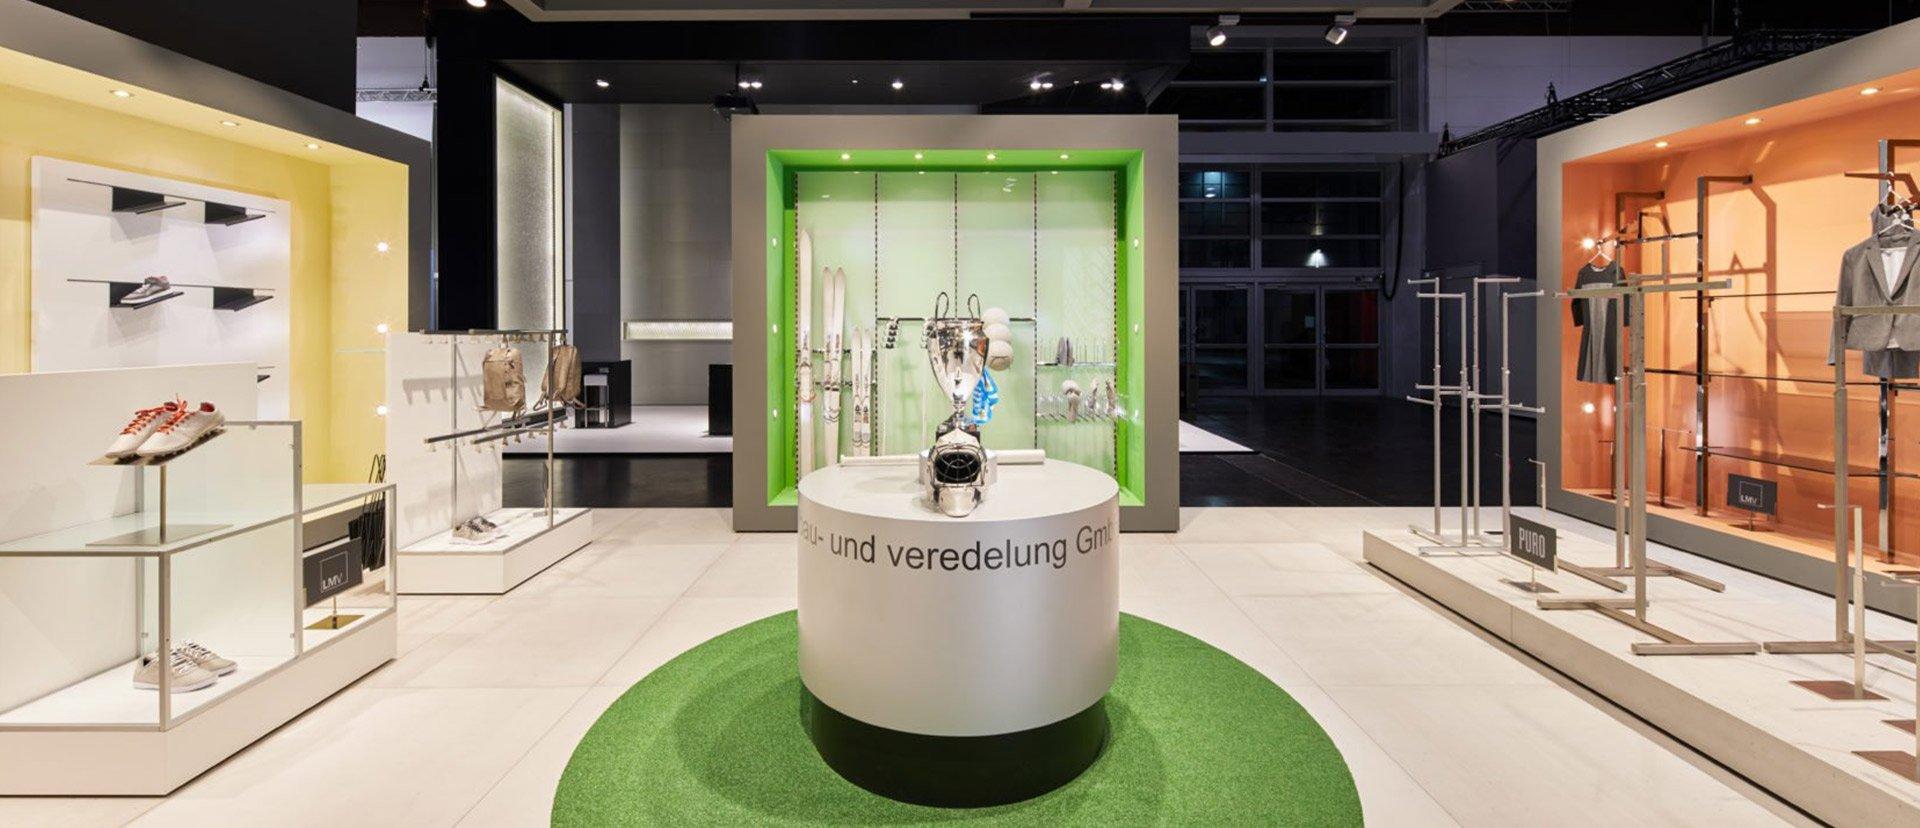 Messebau Siehr Düsseldorf Slider Für Web 1920x828 3